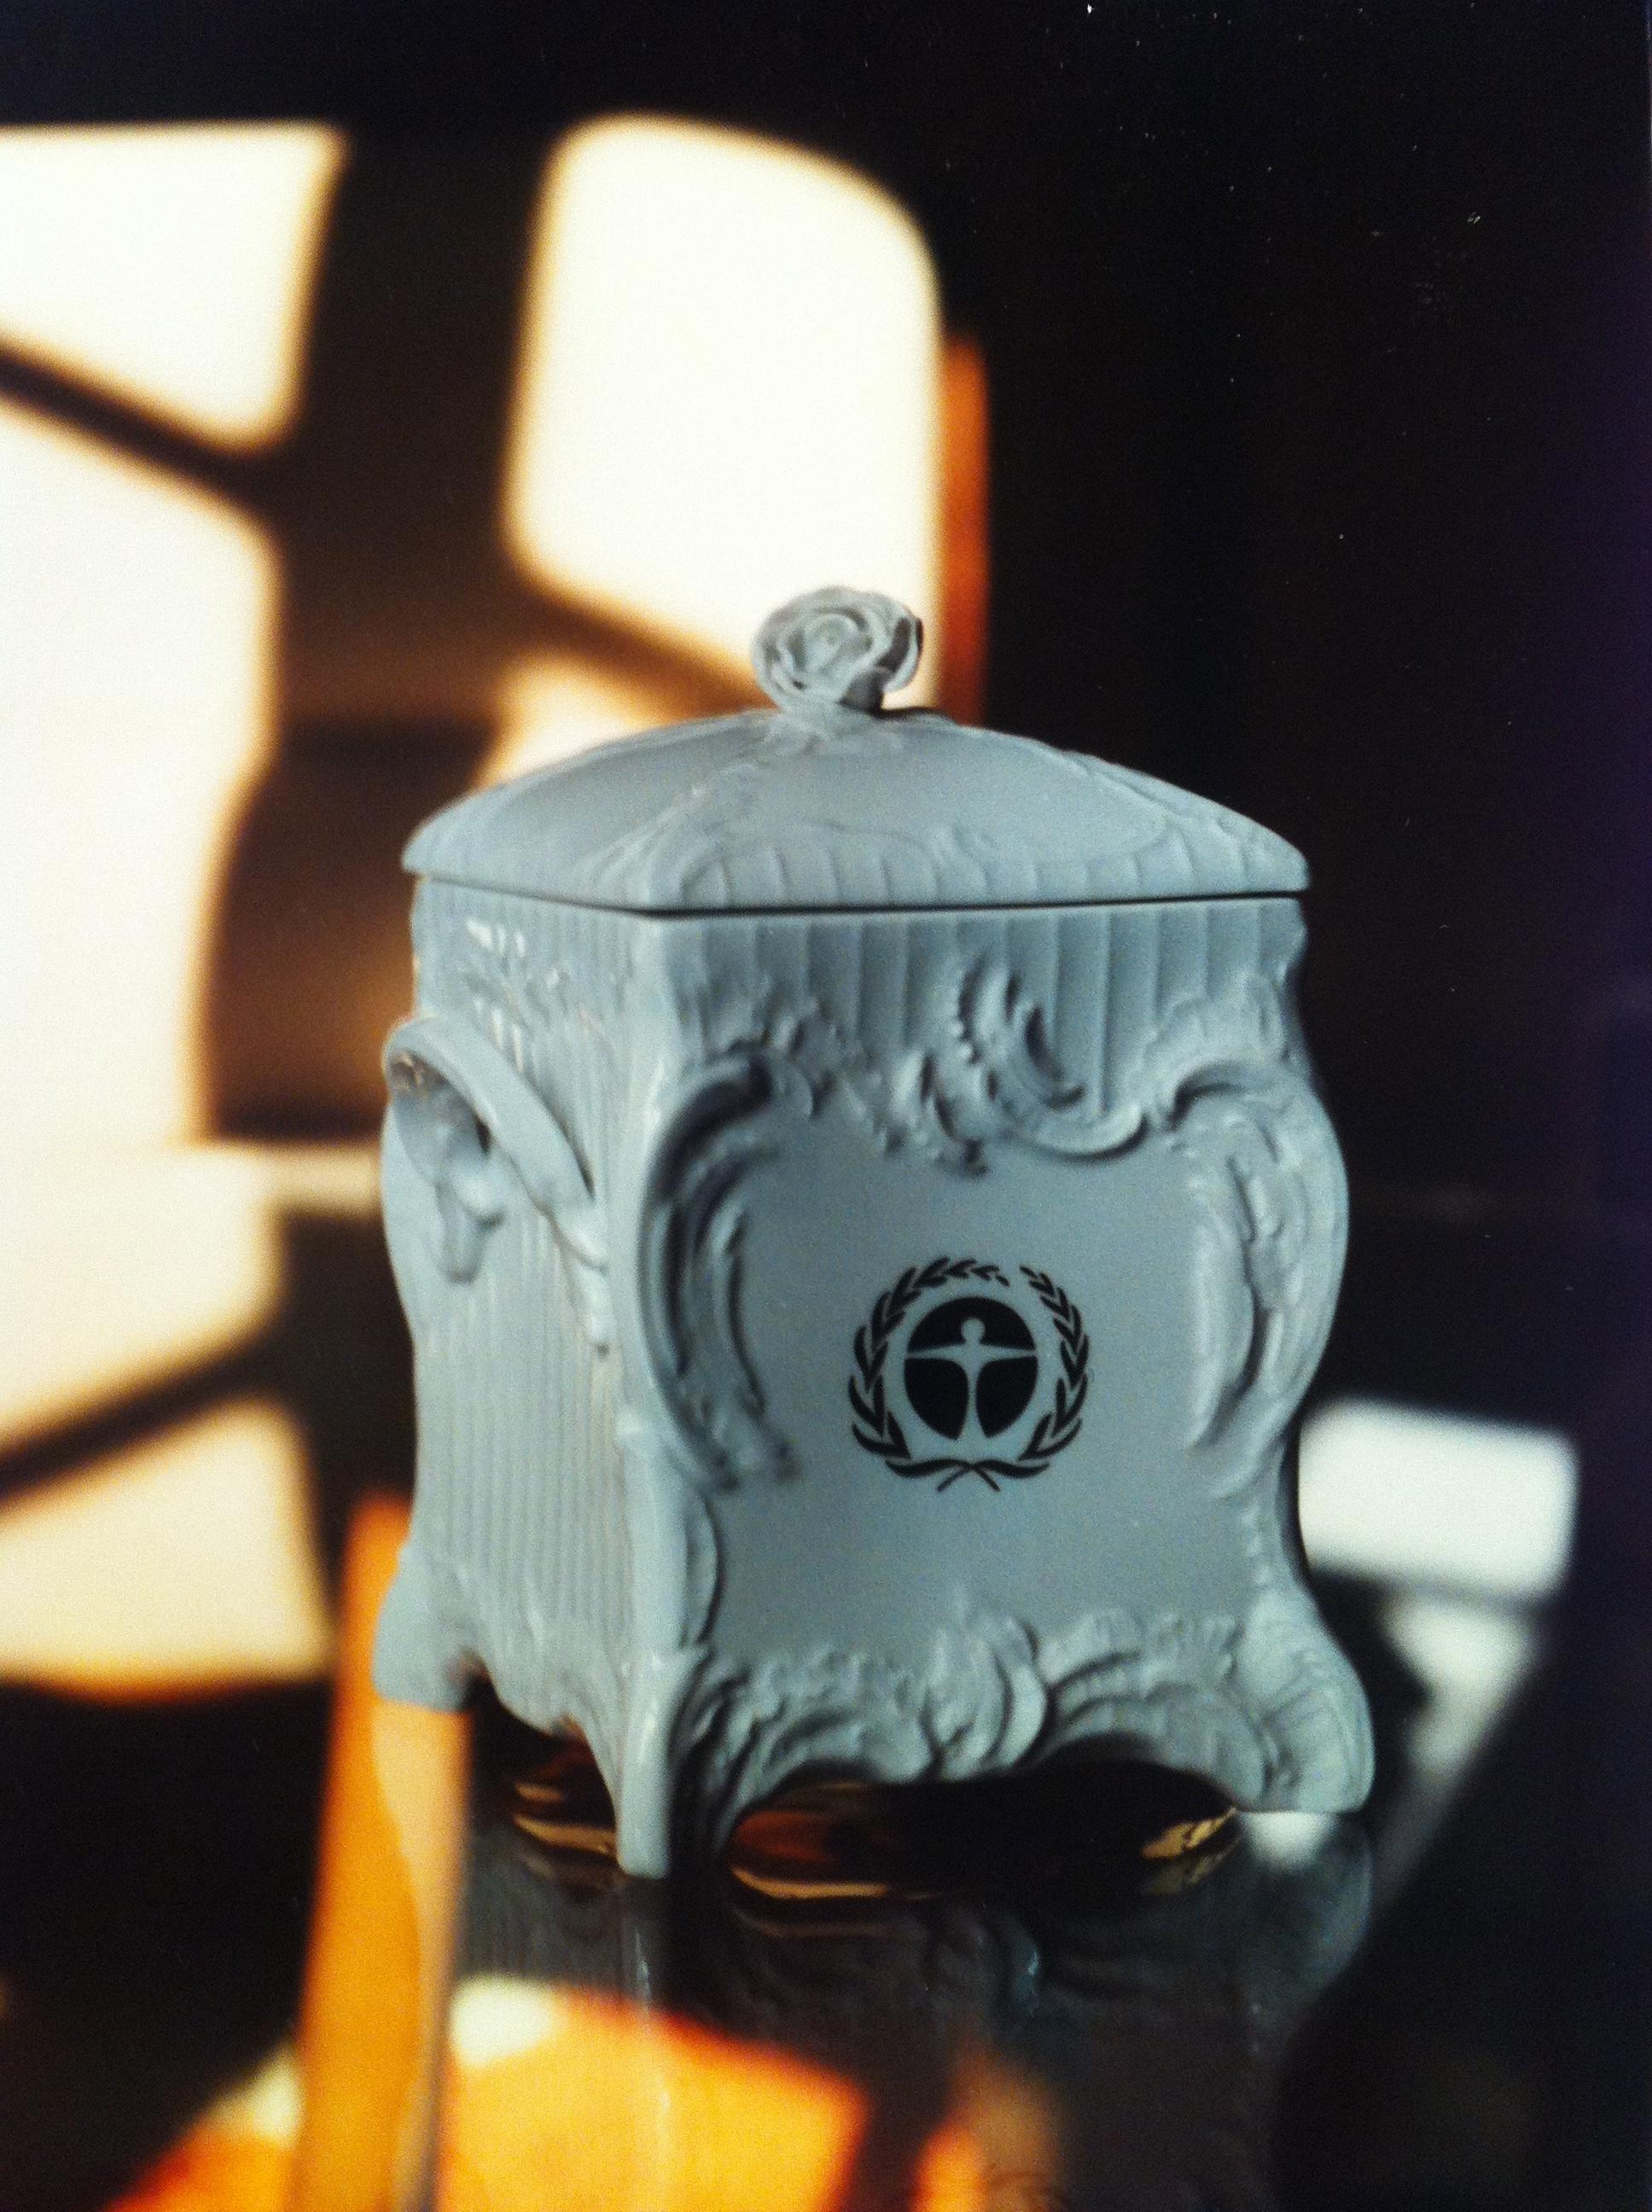 """Zu seiner Verabschiedung erhielt von Lersner 1995 von seiner Belegschaft eine Tabakdose der KPM – stilgerecht verziert mit dem """"Blauen Engel""""."""